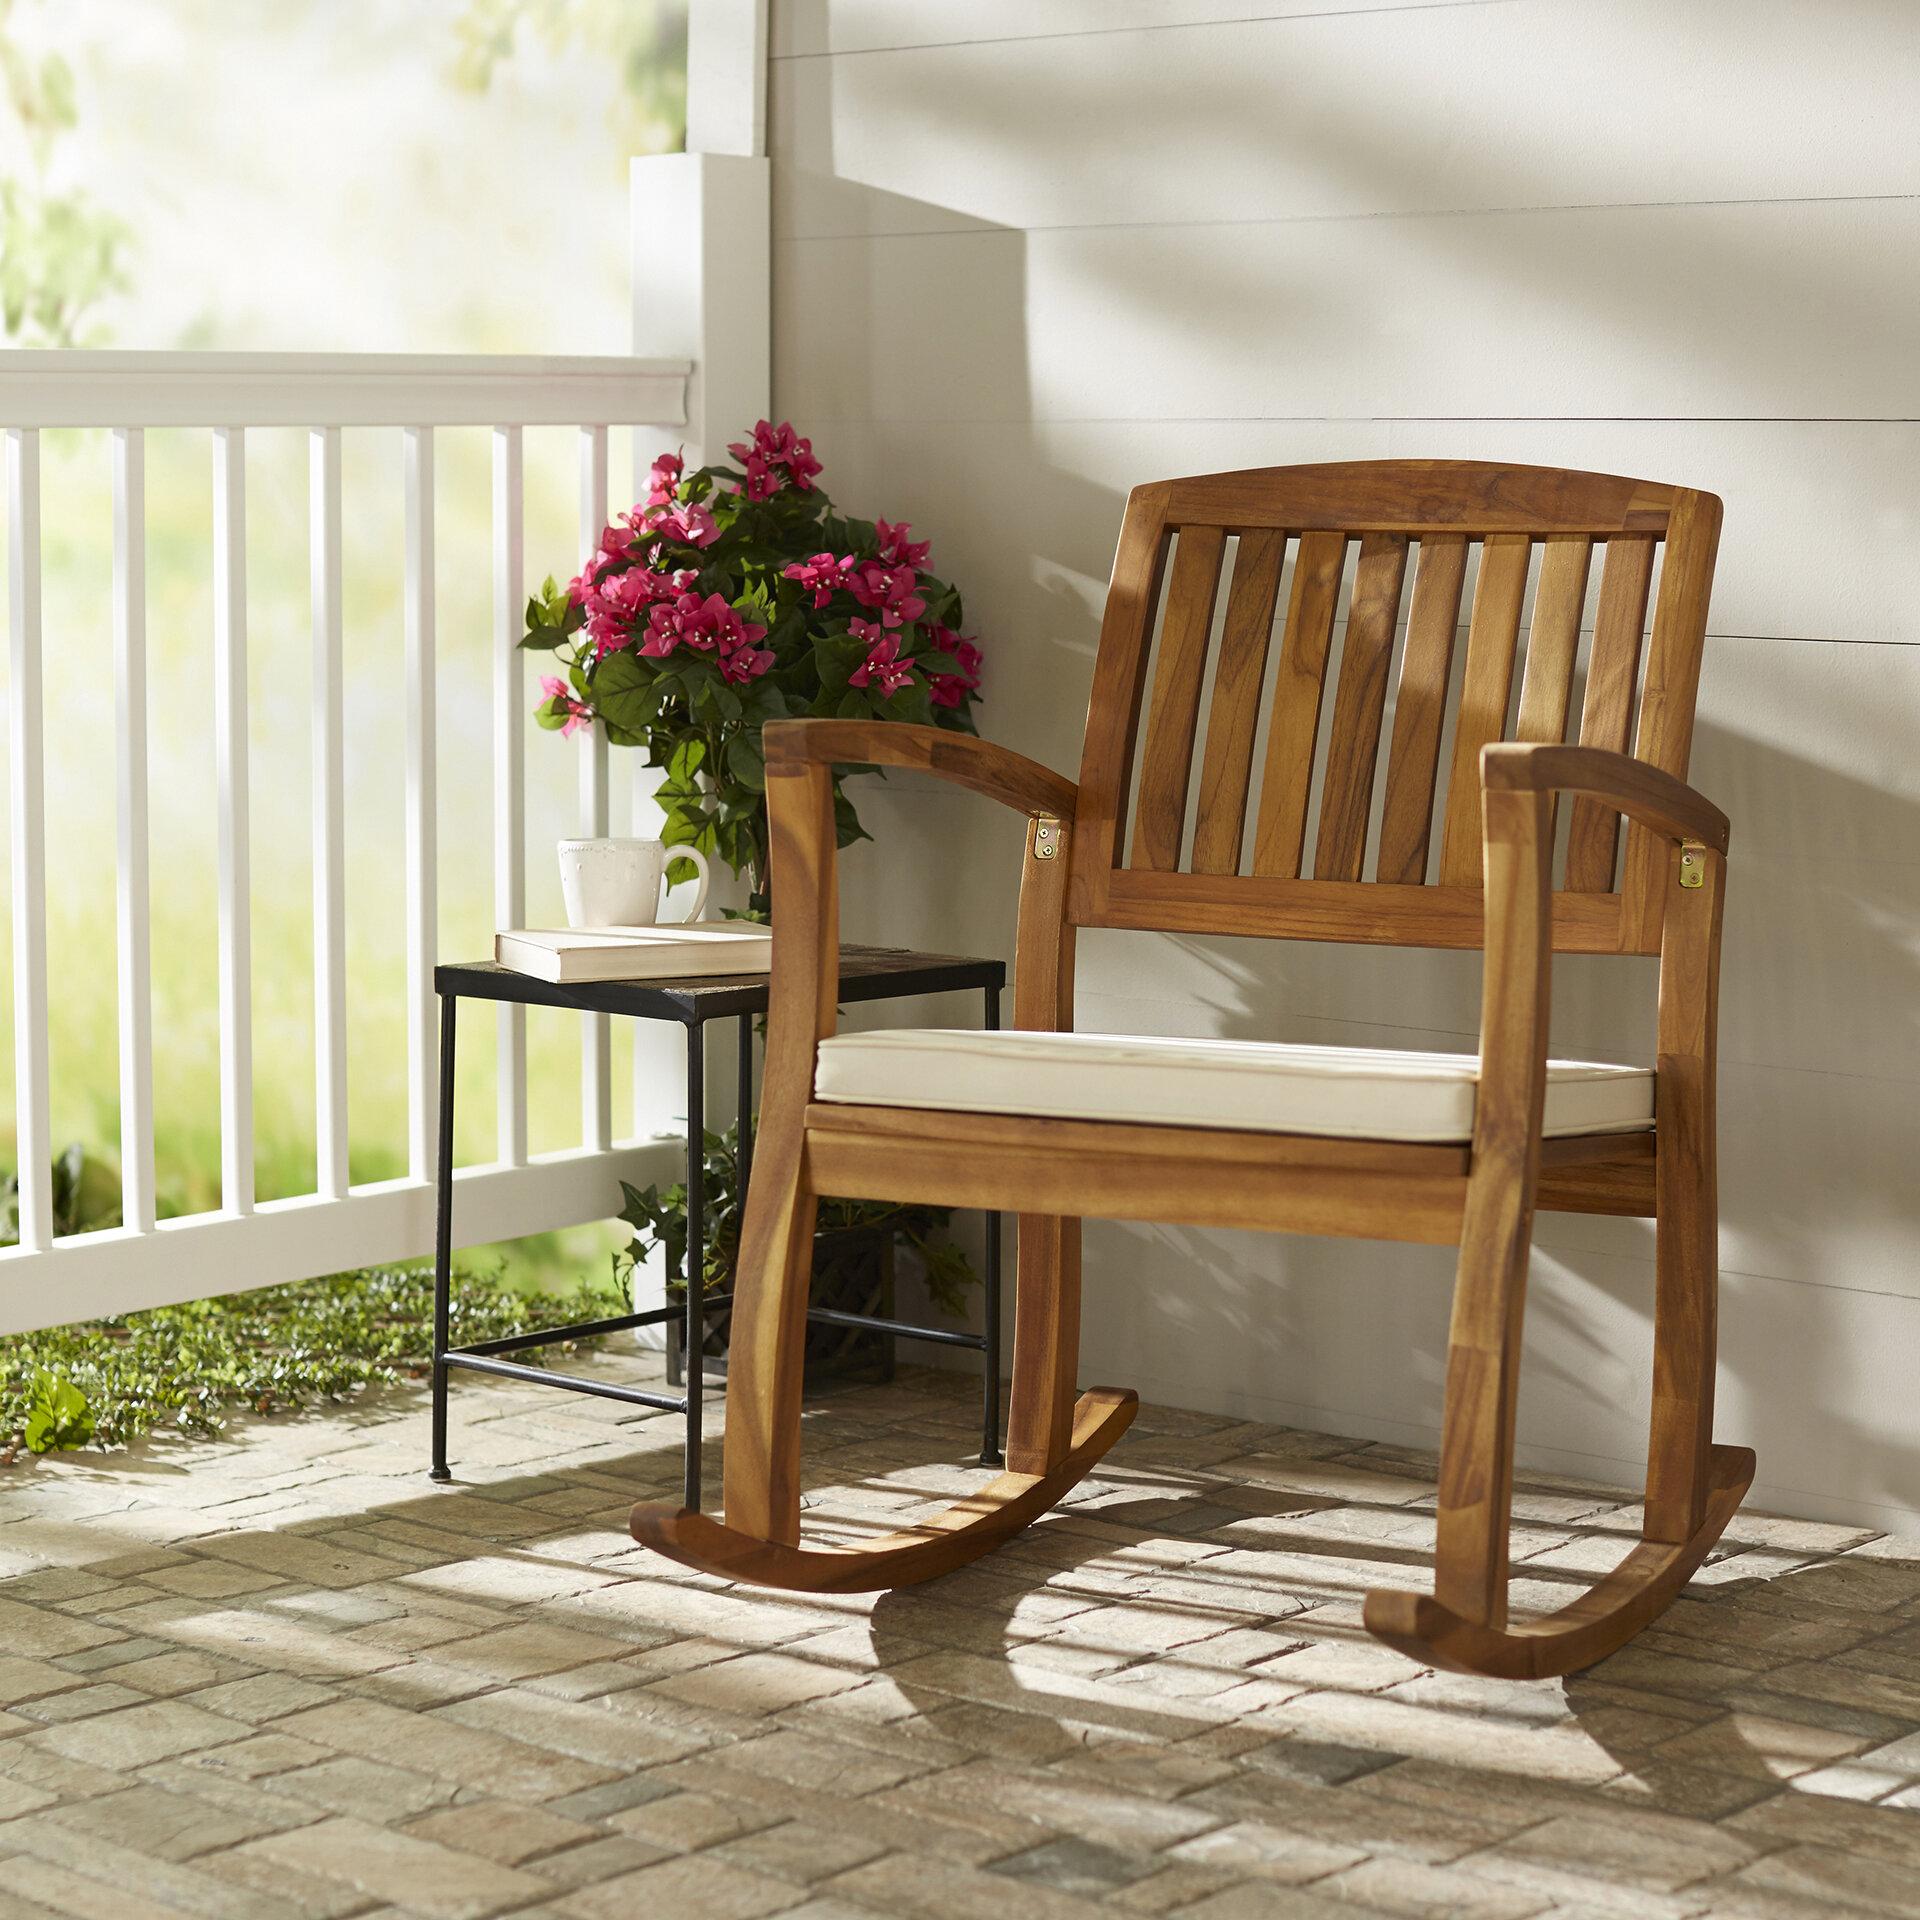 highland dunes kairi acacia rocking chair with cushion reviews